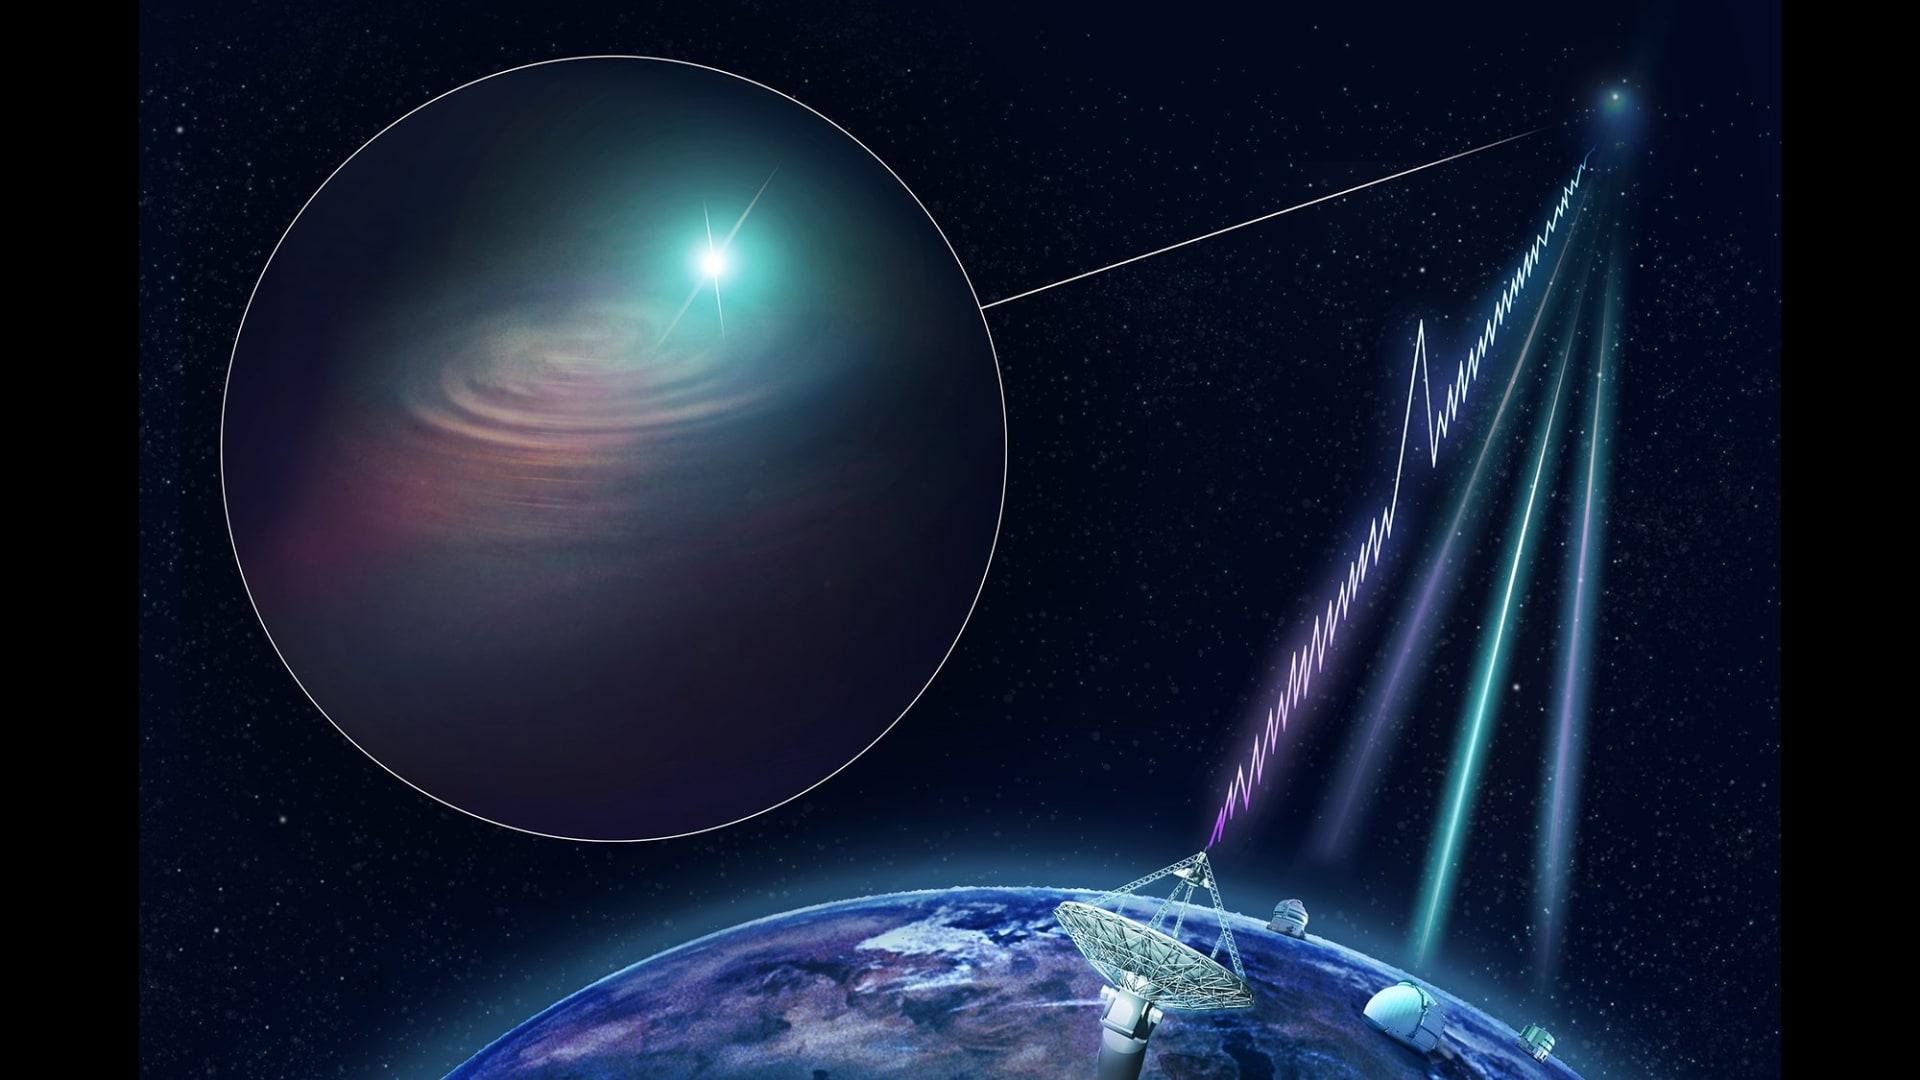 تسجيل إشارات راديو متكررة في الفضاء على بعد نصف مليار سنة ضوئية من الأرض